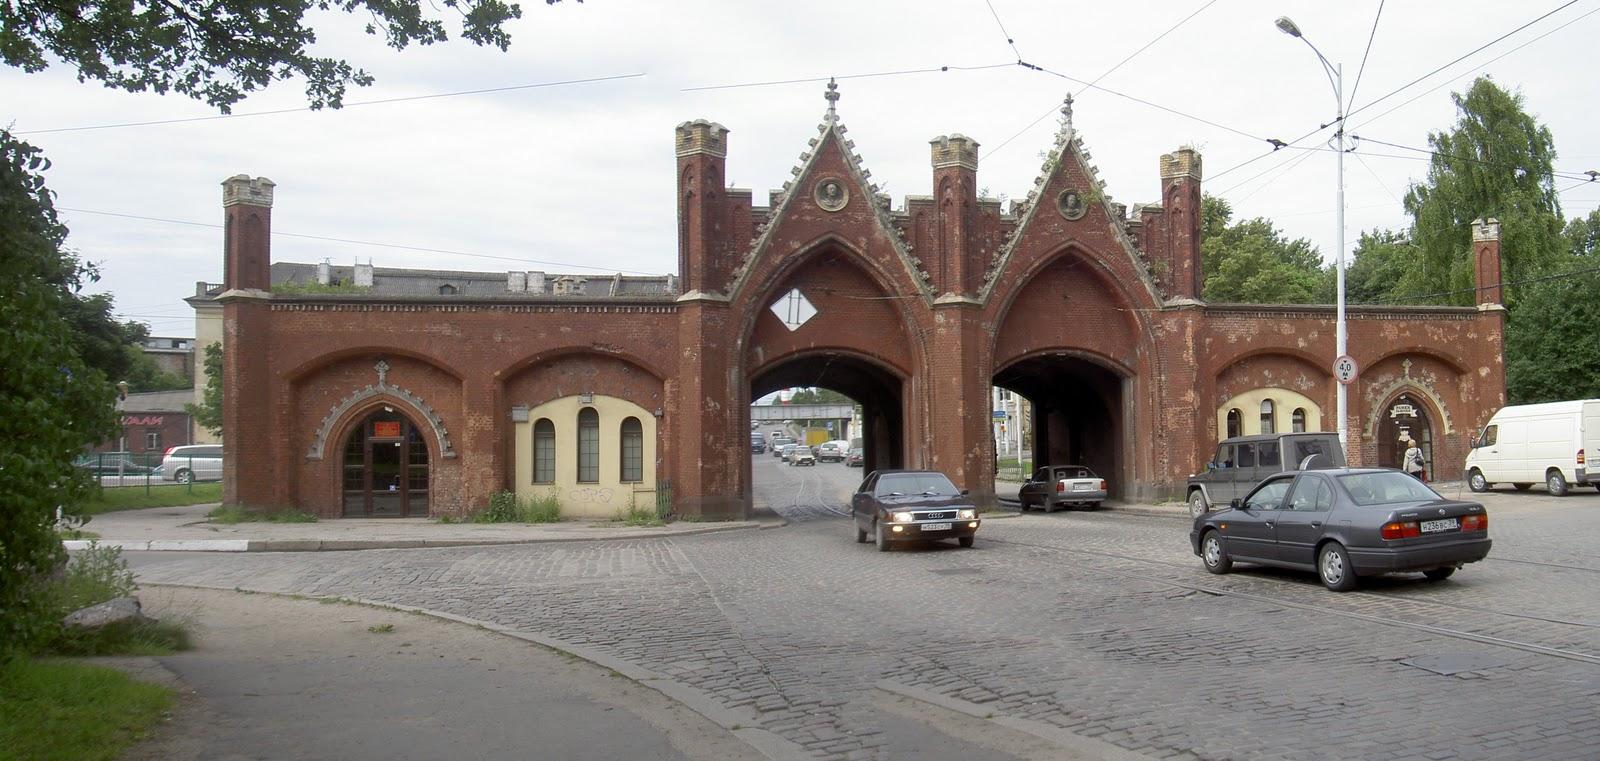 brandenburgskie-vorota